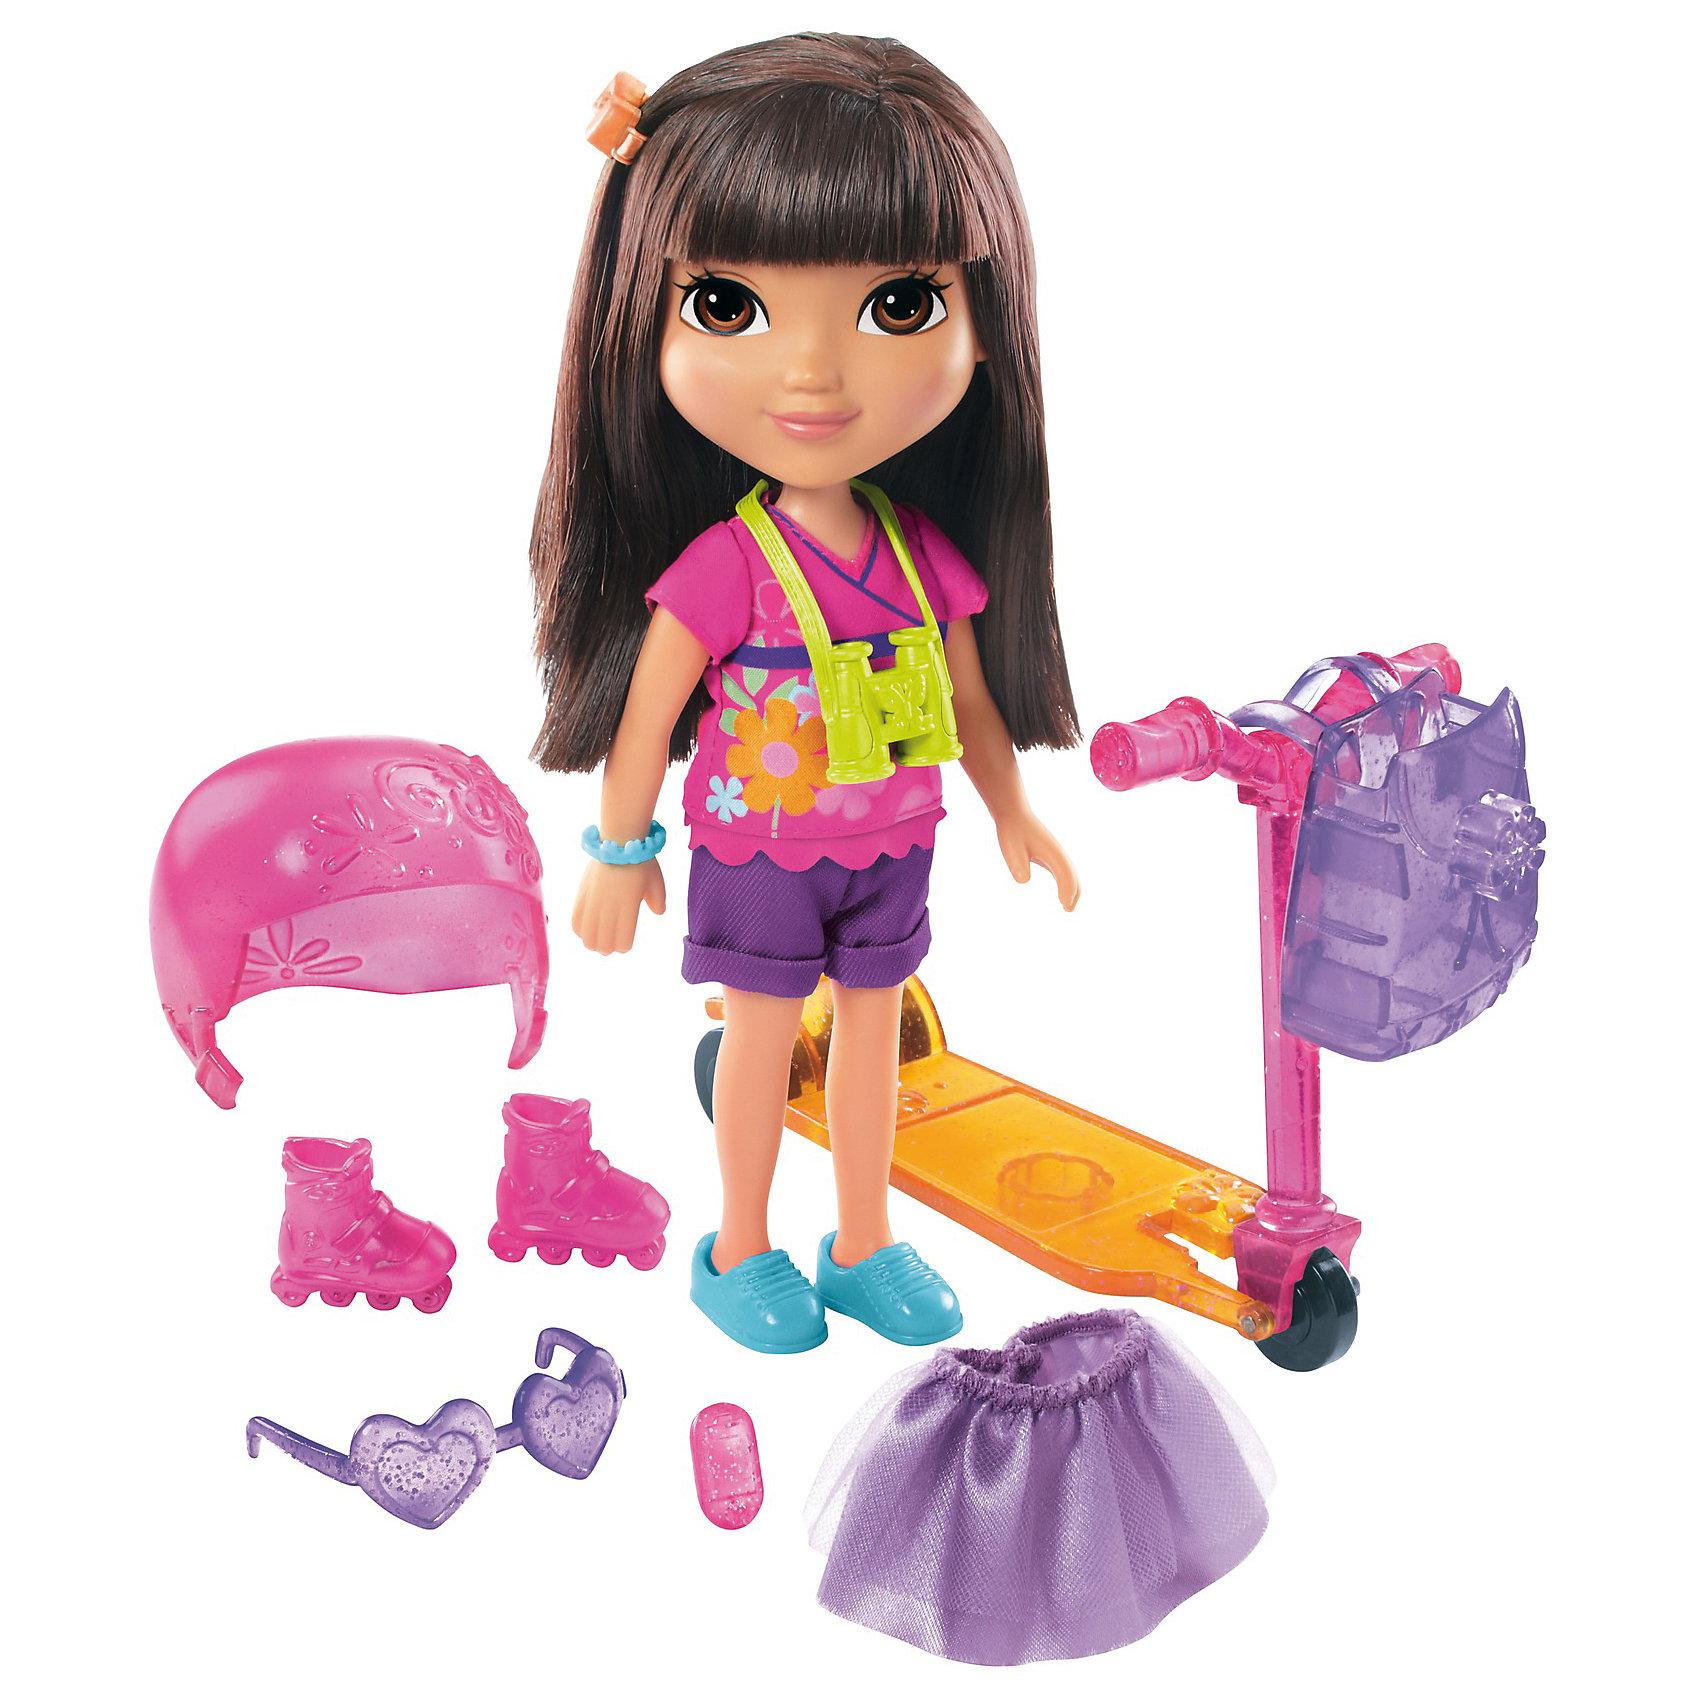 Кукла Даша-путешественница с аксессуарами, Fisher PriceКлассические куклы<br>Характеристики товара:<br><br>• возраст от 3 лет;<br>• материал: пластик, текстиль;<br>• в комплекте: кукла, аксессуары;<br>• высота куклы 20 см;<br>• размер упаковки 28х24х7 см;<br>• вес упаковки 436 гр.;<br>• страна производитель: Китай.<br><br>Кукла Даша-путешественница с аксессуарами Fisher Price — героиня известного мультсериала про улыбчивую и любопытную Дашу, которая любит путешествовать и постоянно что-то исследовать и узнавать. У Даши большие глаза и мягкие темные волосы, которые можно расчесывать, заплетать и украшать. В комплекте аксессуары, с которыми Даша может активно провести прогулку: самокат, ролики, защитный шлем. Она обязательно берет с собой свой рюкзачок и фотоаппарат, чтобы запечатлеть самые яркие моменты. Во время увлекательной игры с куклой девочка может придумывать свои истории и сюжеты.<br><br>Куклу Дашу-путешественницу с аксессуарами Fisher Price можно приобрести в нашем интернет-магазине.<br><br>Ширина мм: 240<br>Глубина мм: 70<br>Высота мм: 280<br>Вес г: 436<br>Возраст от месяцев: 36<br>Возраст до месяцев: 120<br>Пол: Женский<br>Возраст: Детский<br>SKU: 6673383